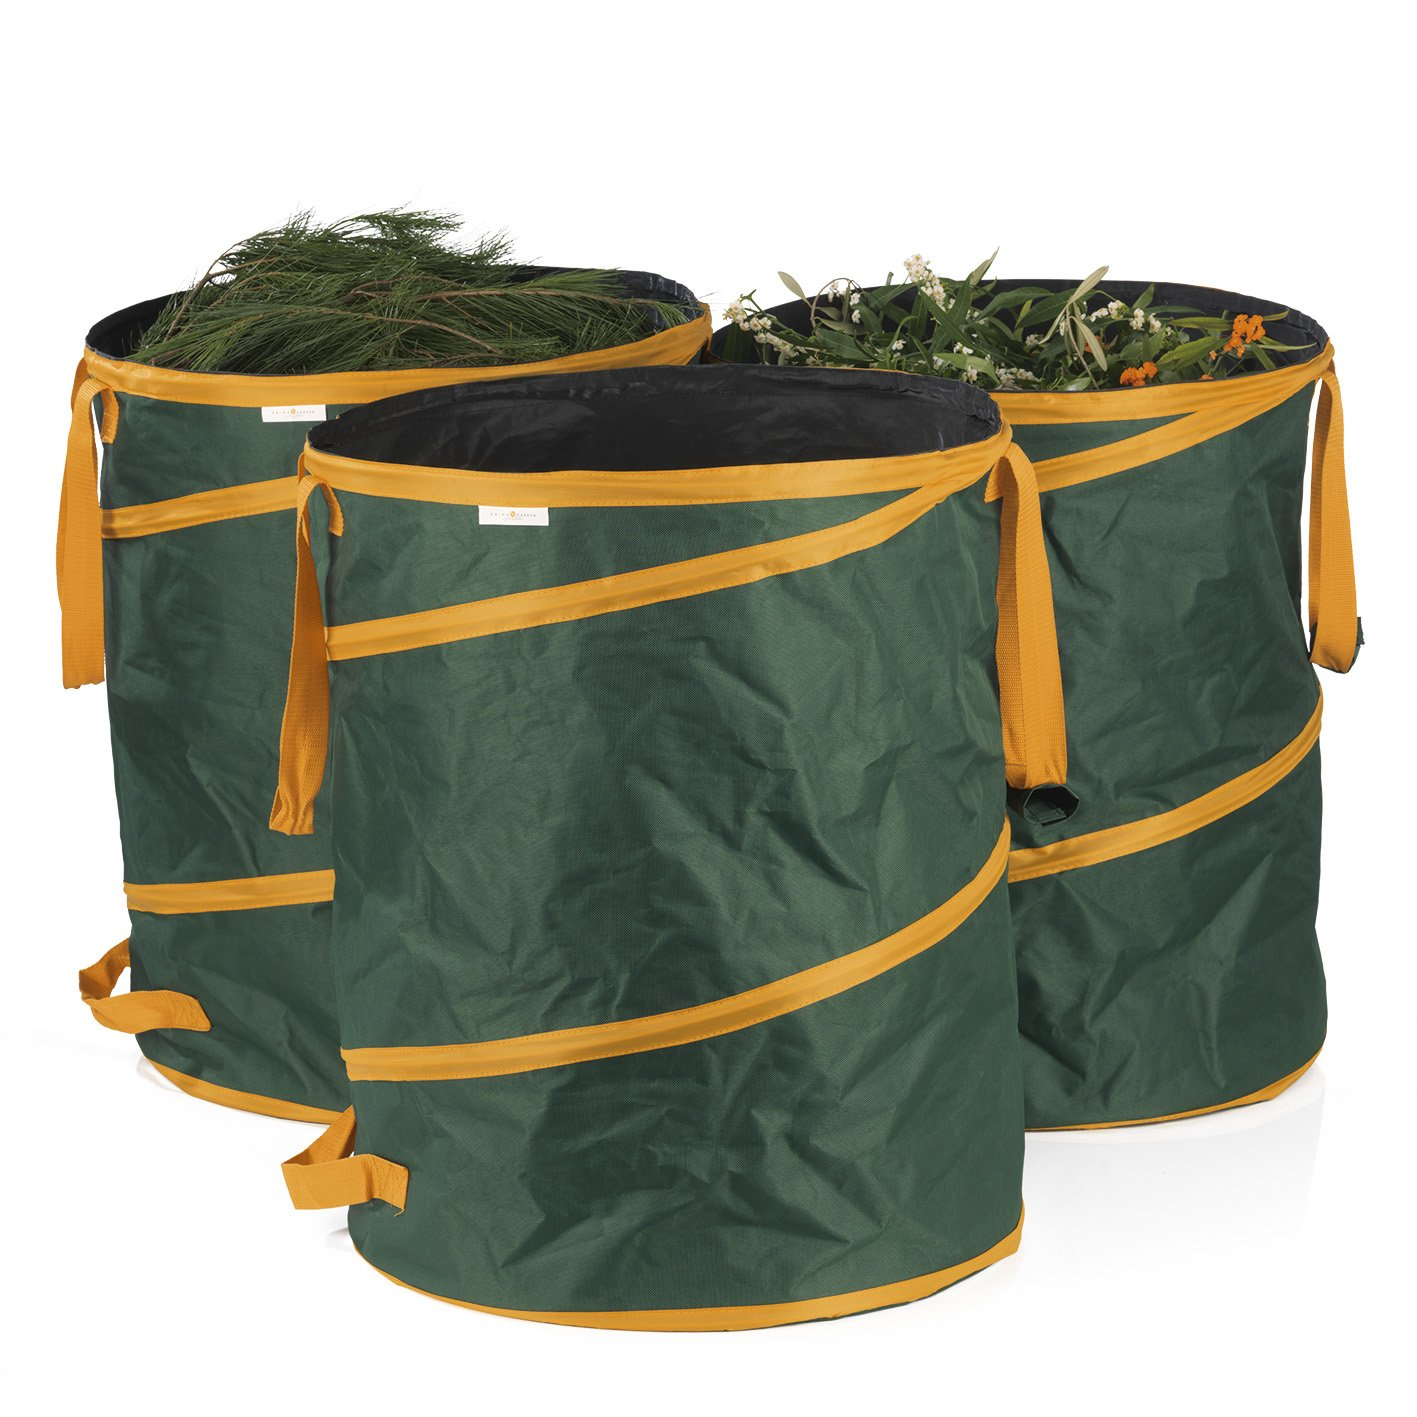 Gartensack verschließbar - Gartenabfallsack verschließbar - Gartenabfalltasche